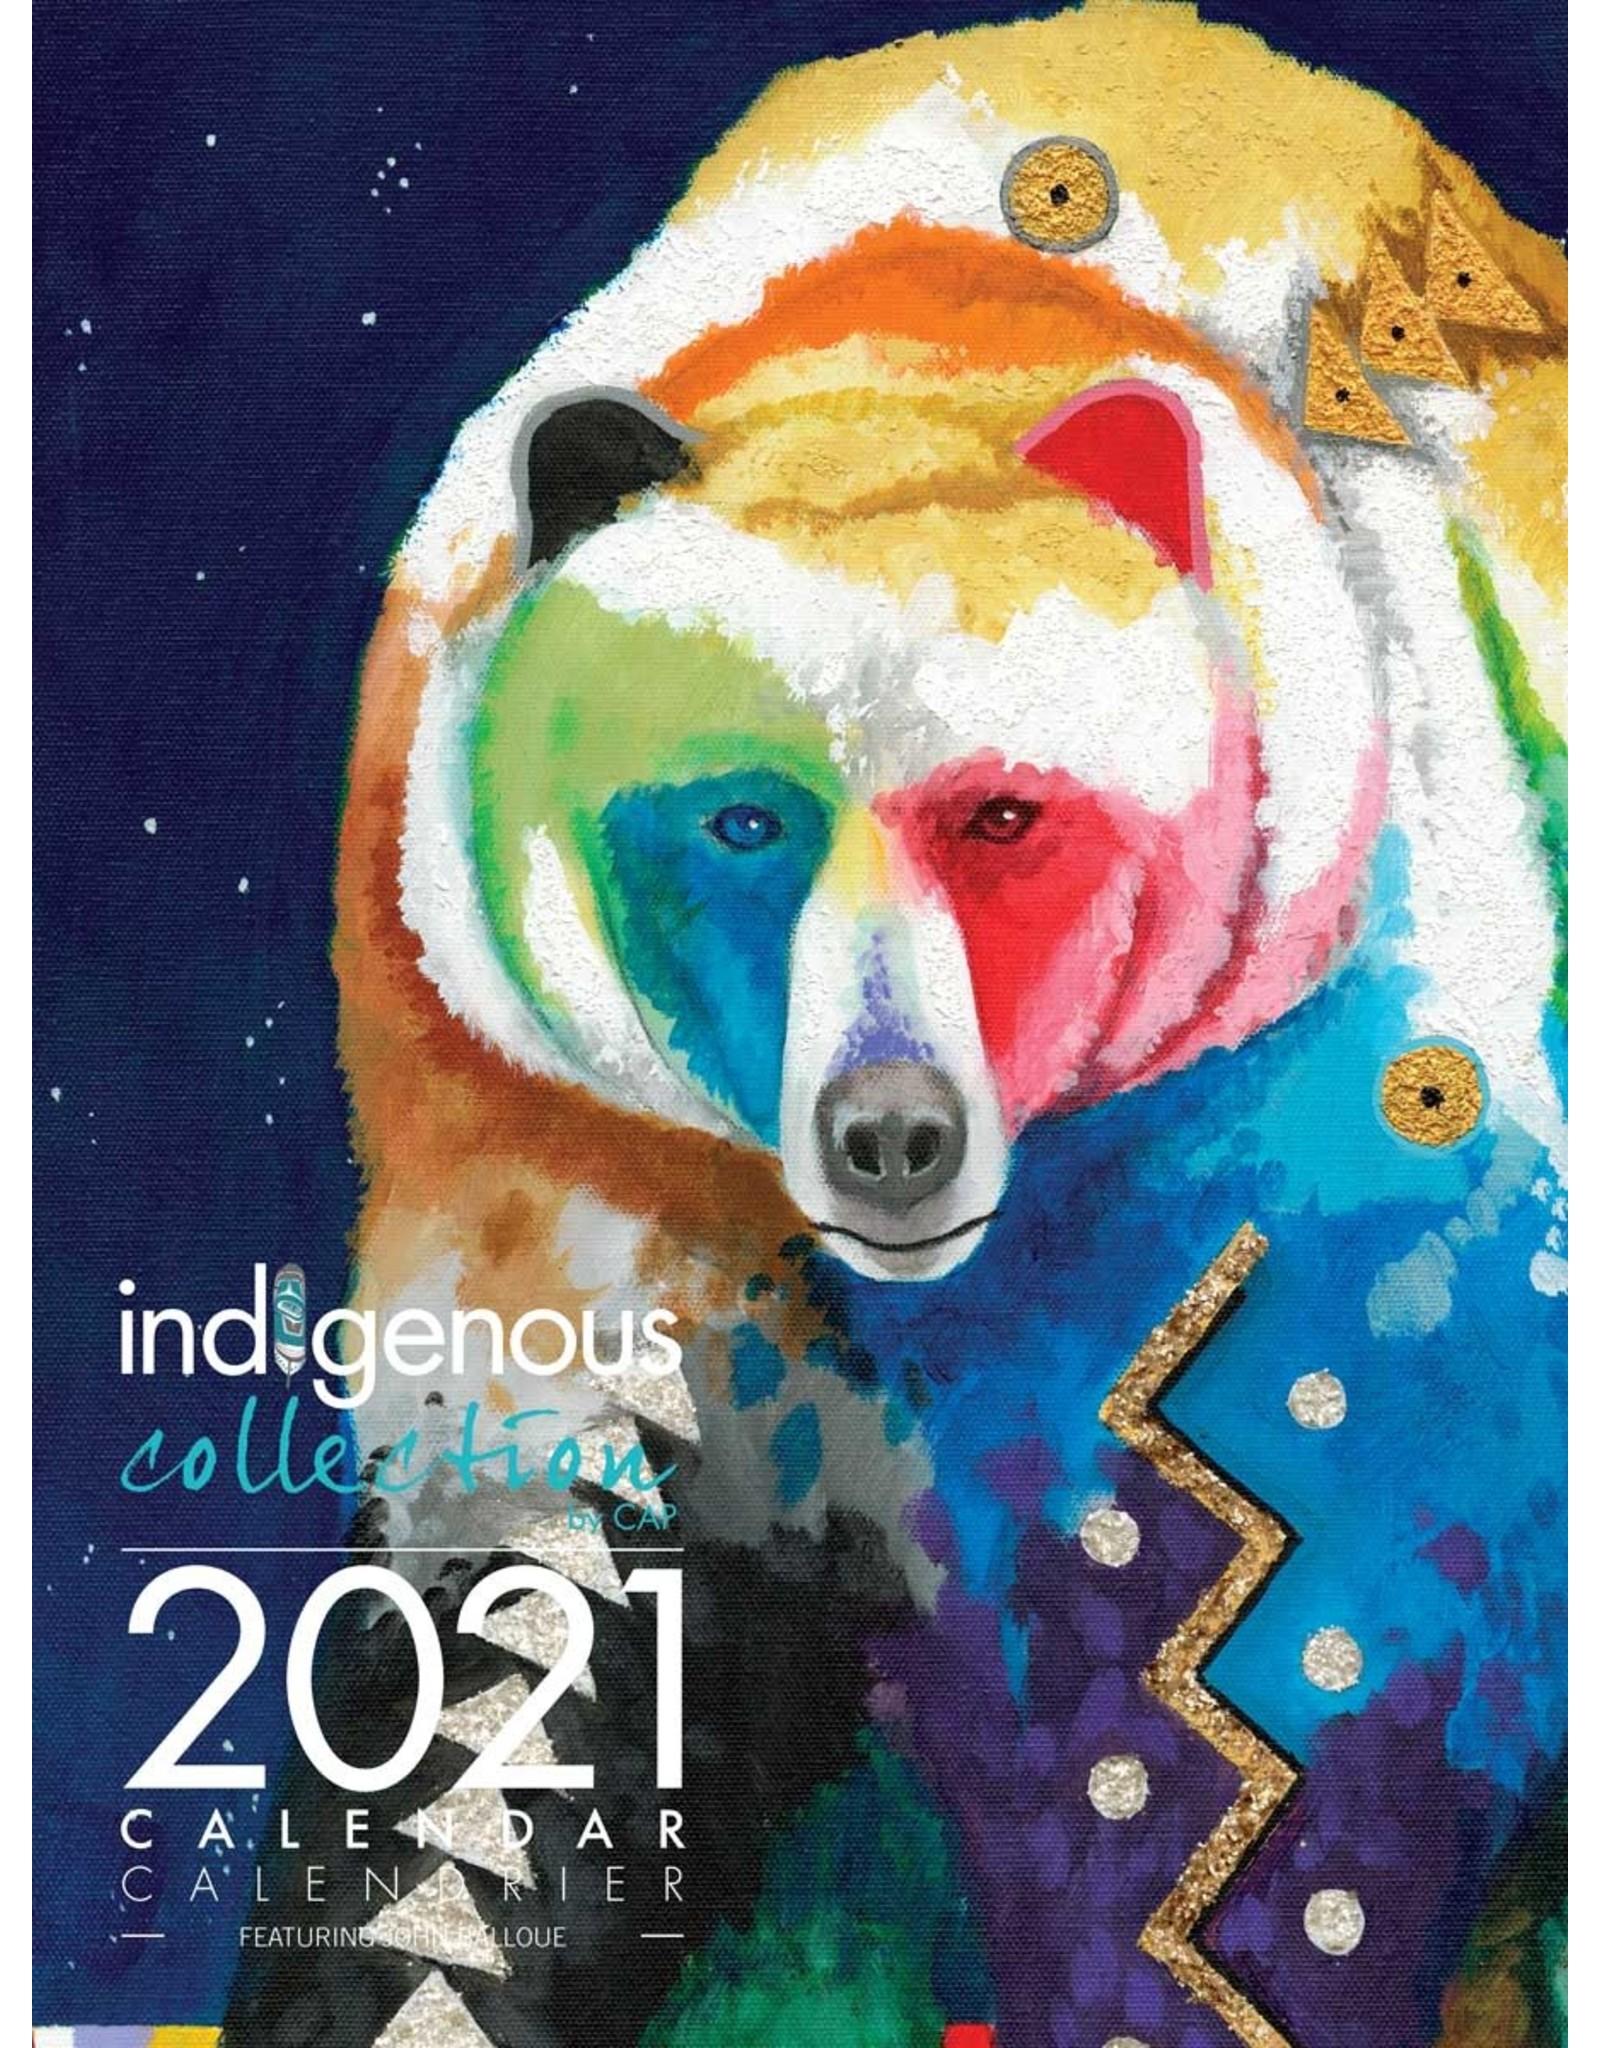 Calendrier John Balloue 2021 - CAL 111